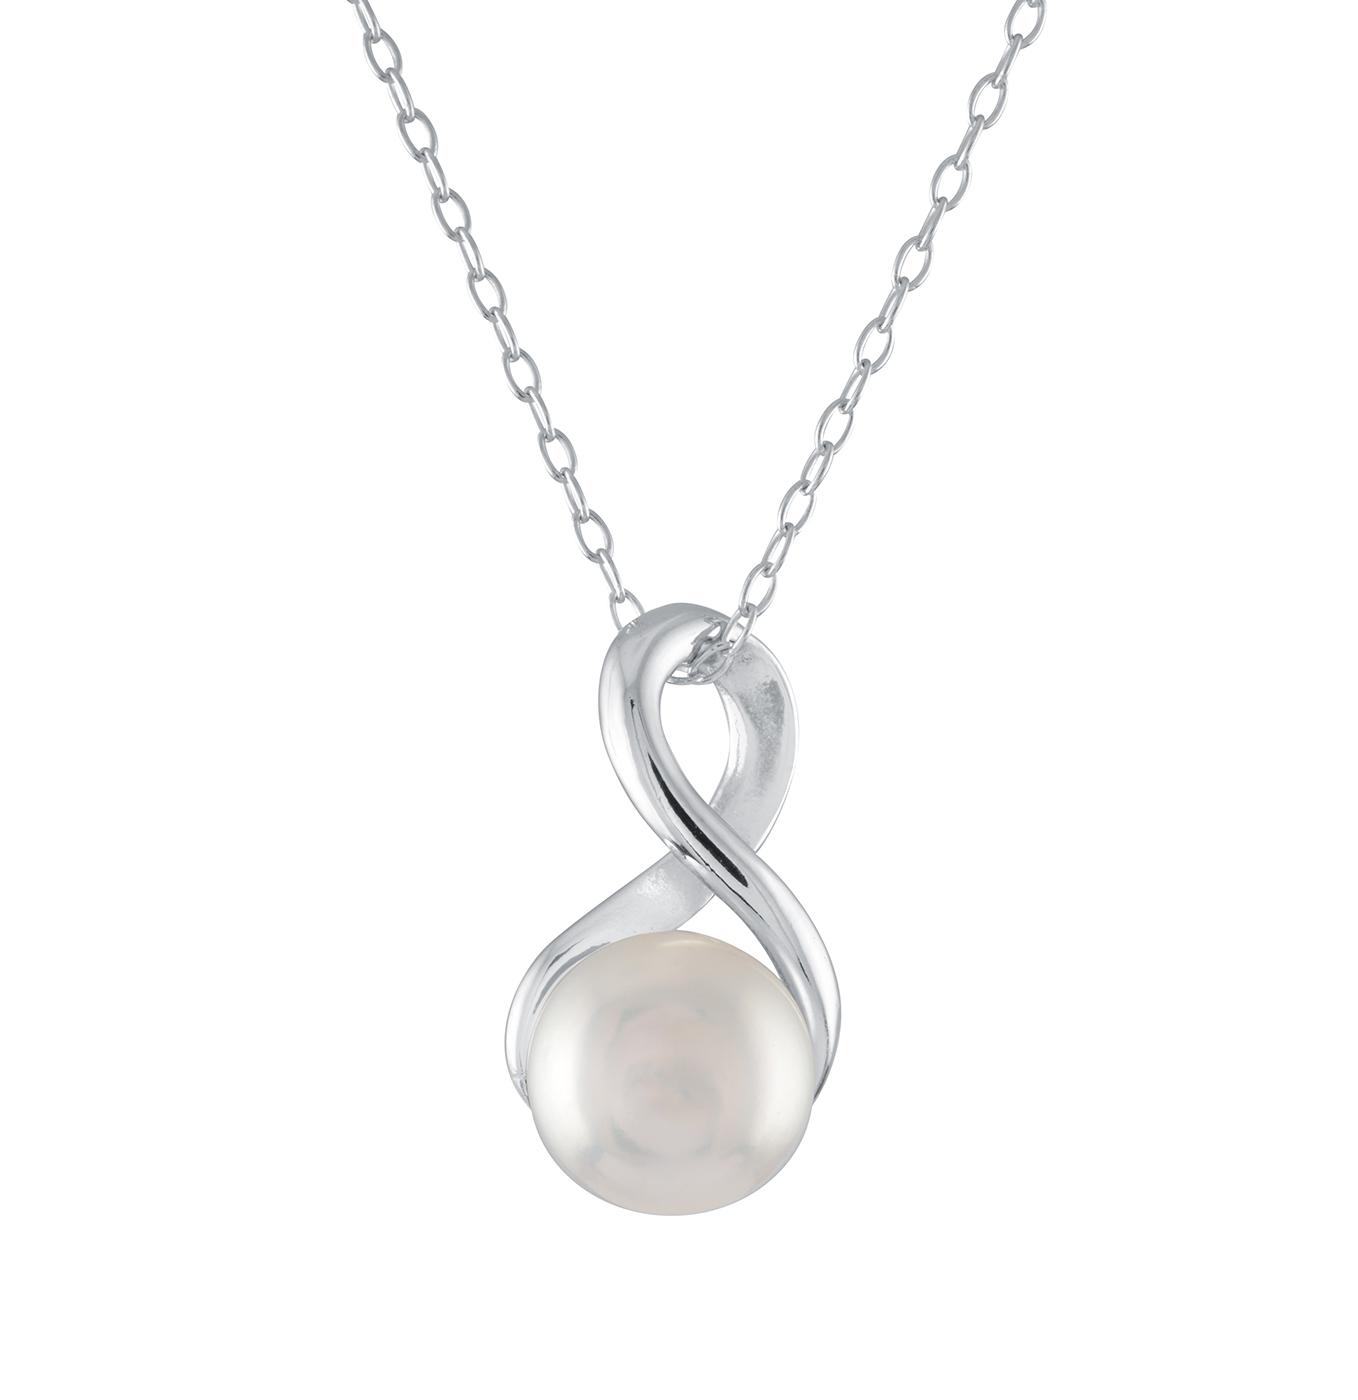 Pendentif en argent sterling serti d'une perle (7mm) - chaîne de 18 pouces incluse